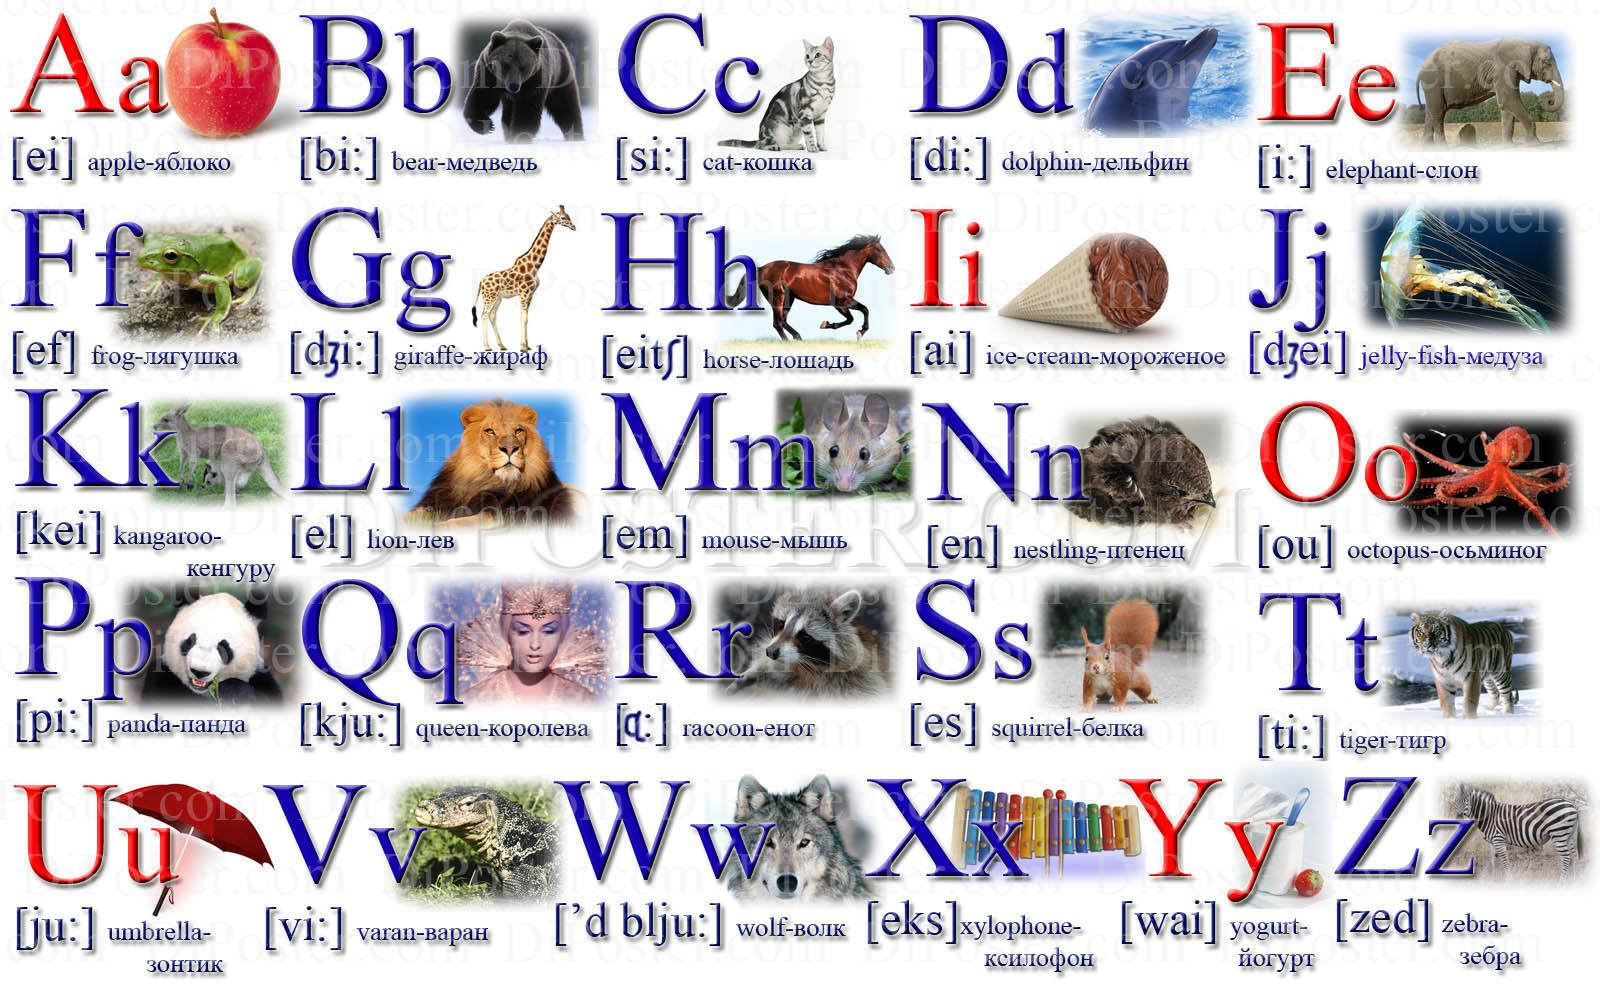 Английский алфавит транскрипция английских слов